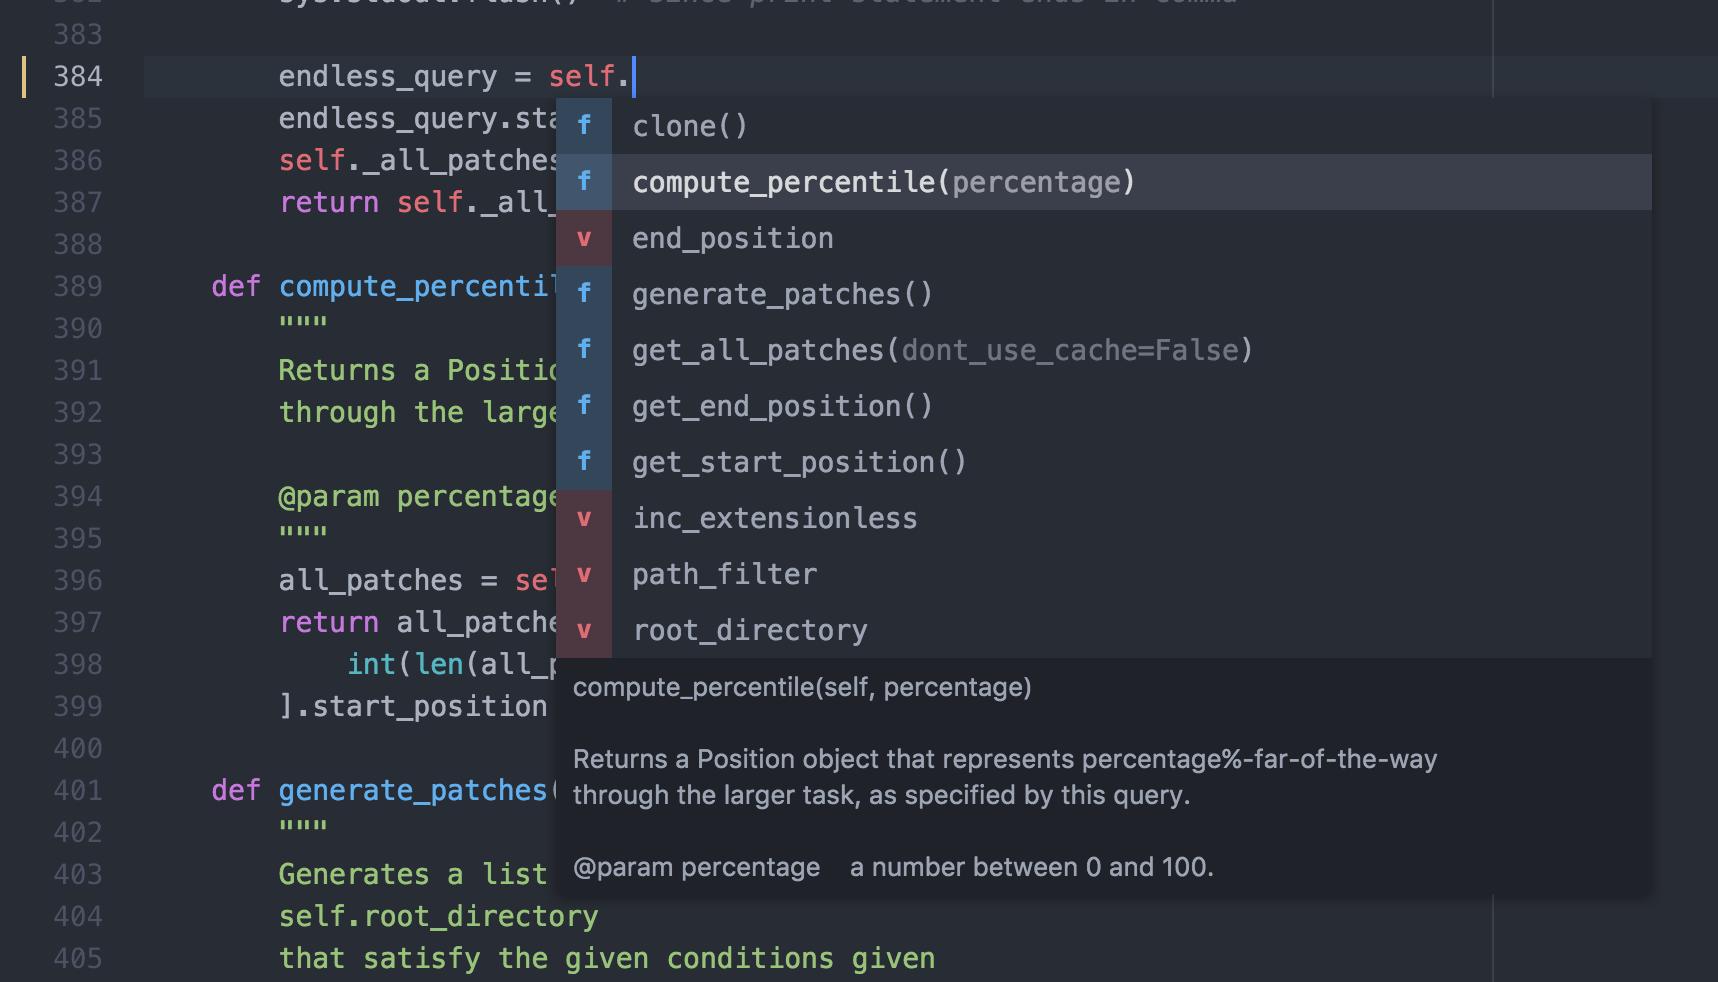 La nueva tendencia de Aprender Python se extiende internacionalmente